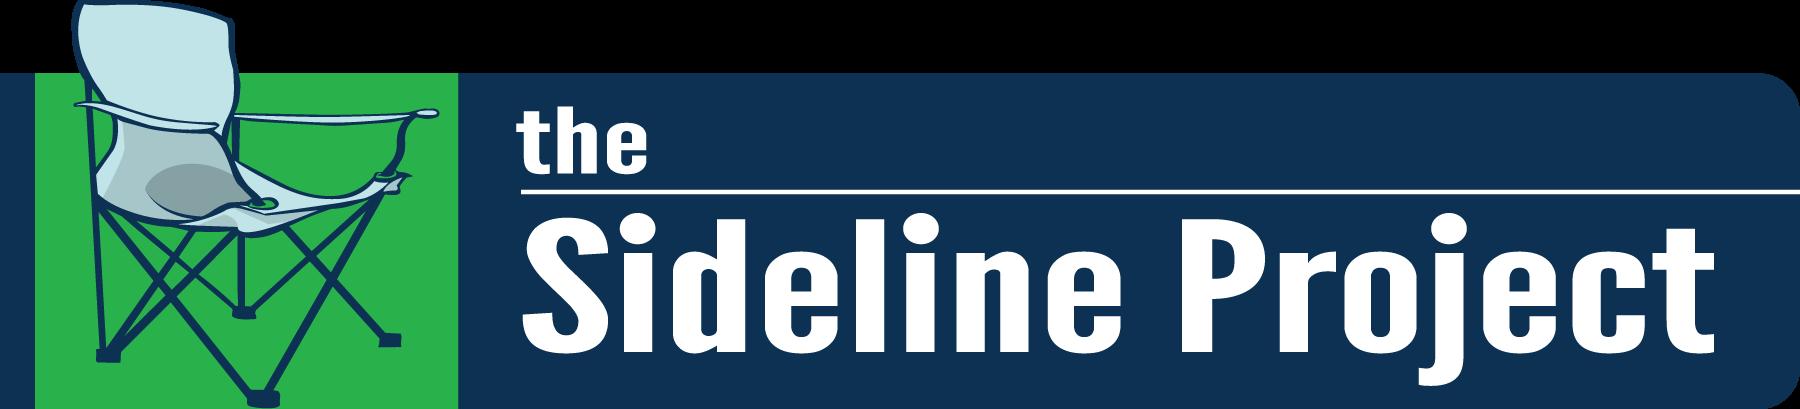 SidelineProject_Logo_large copy